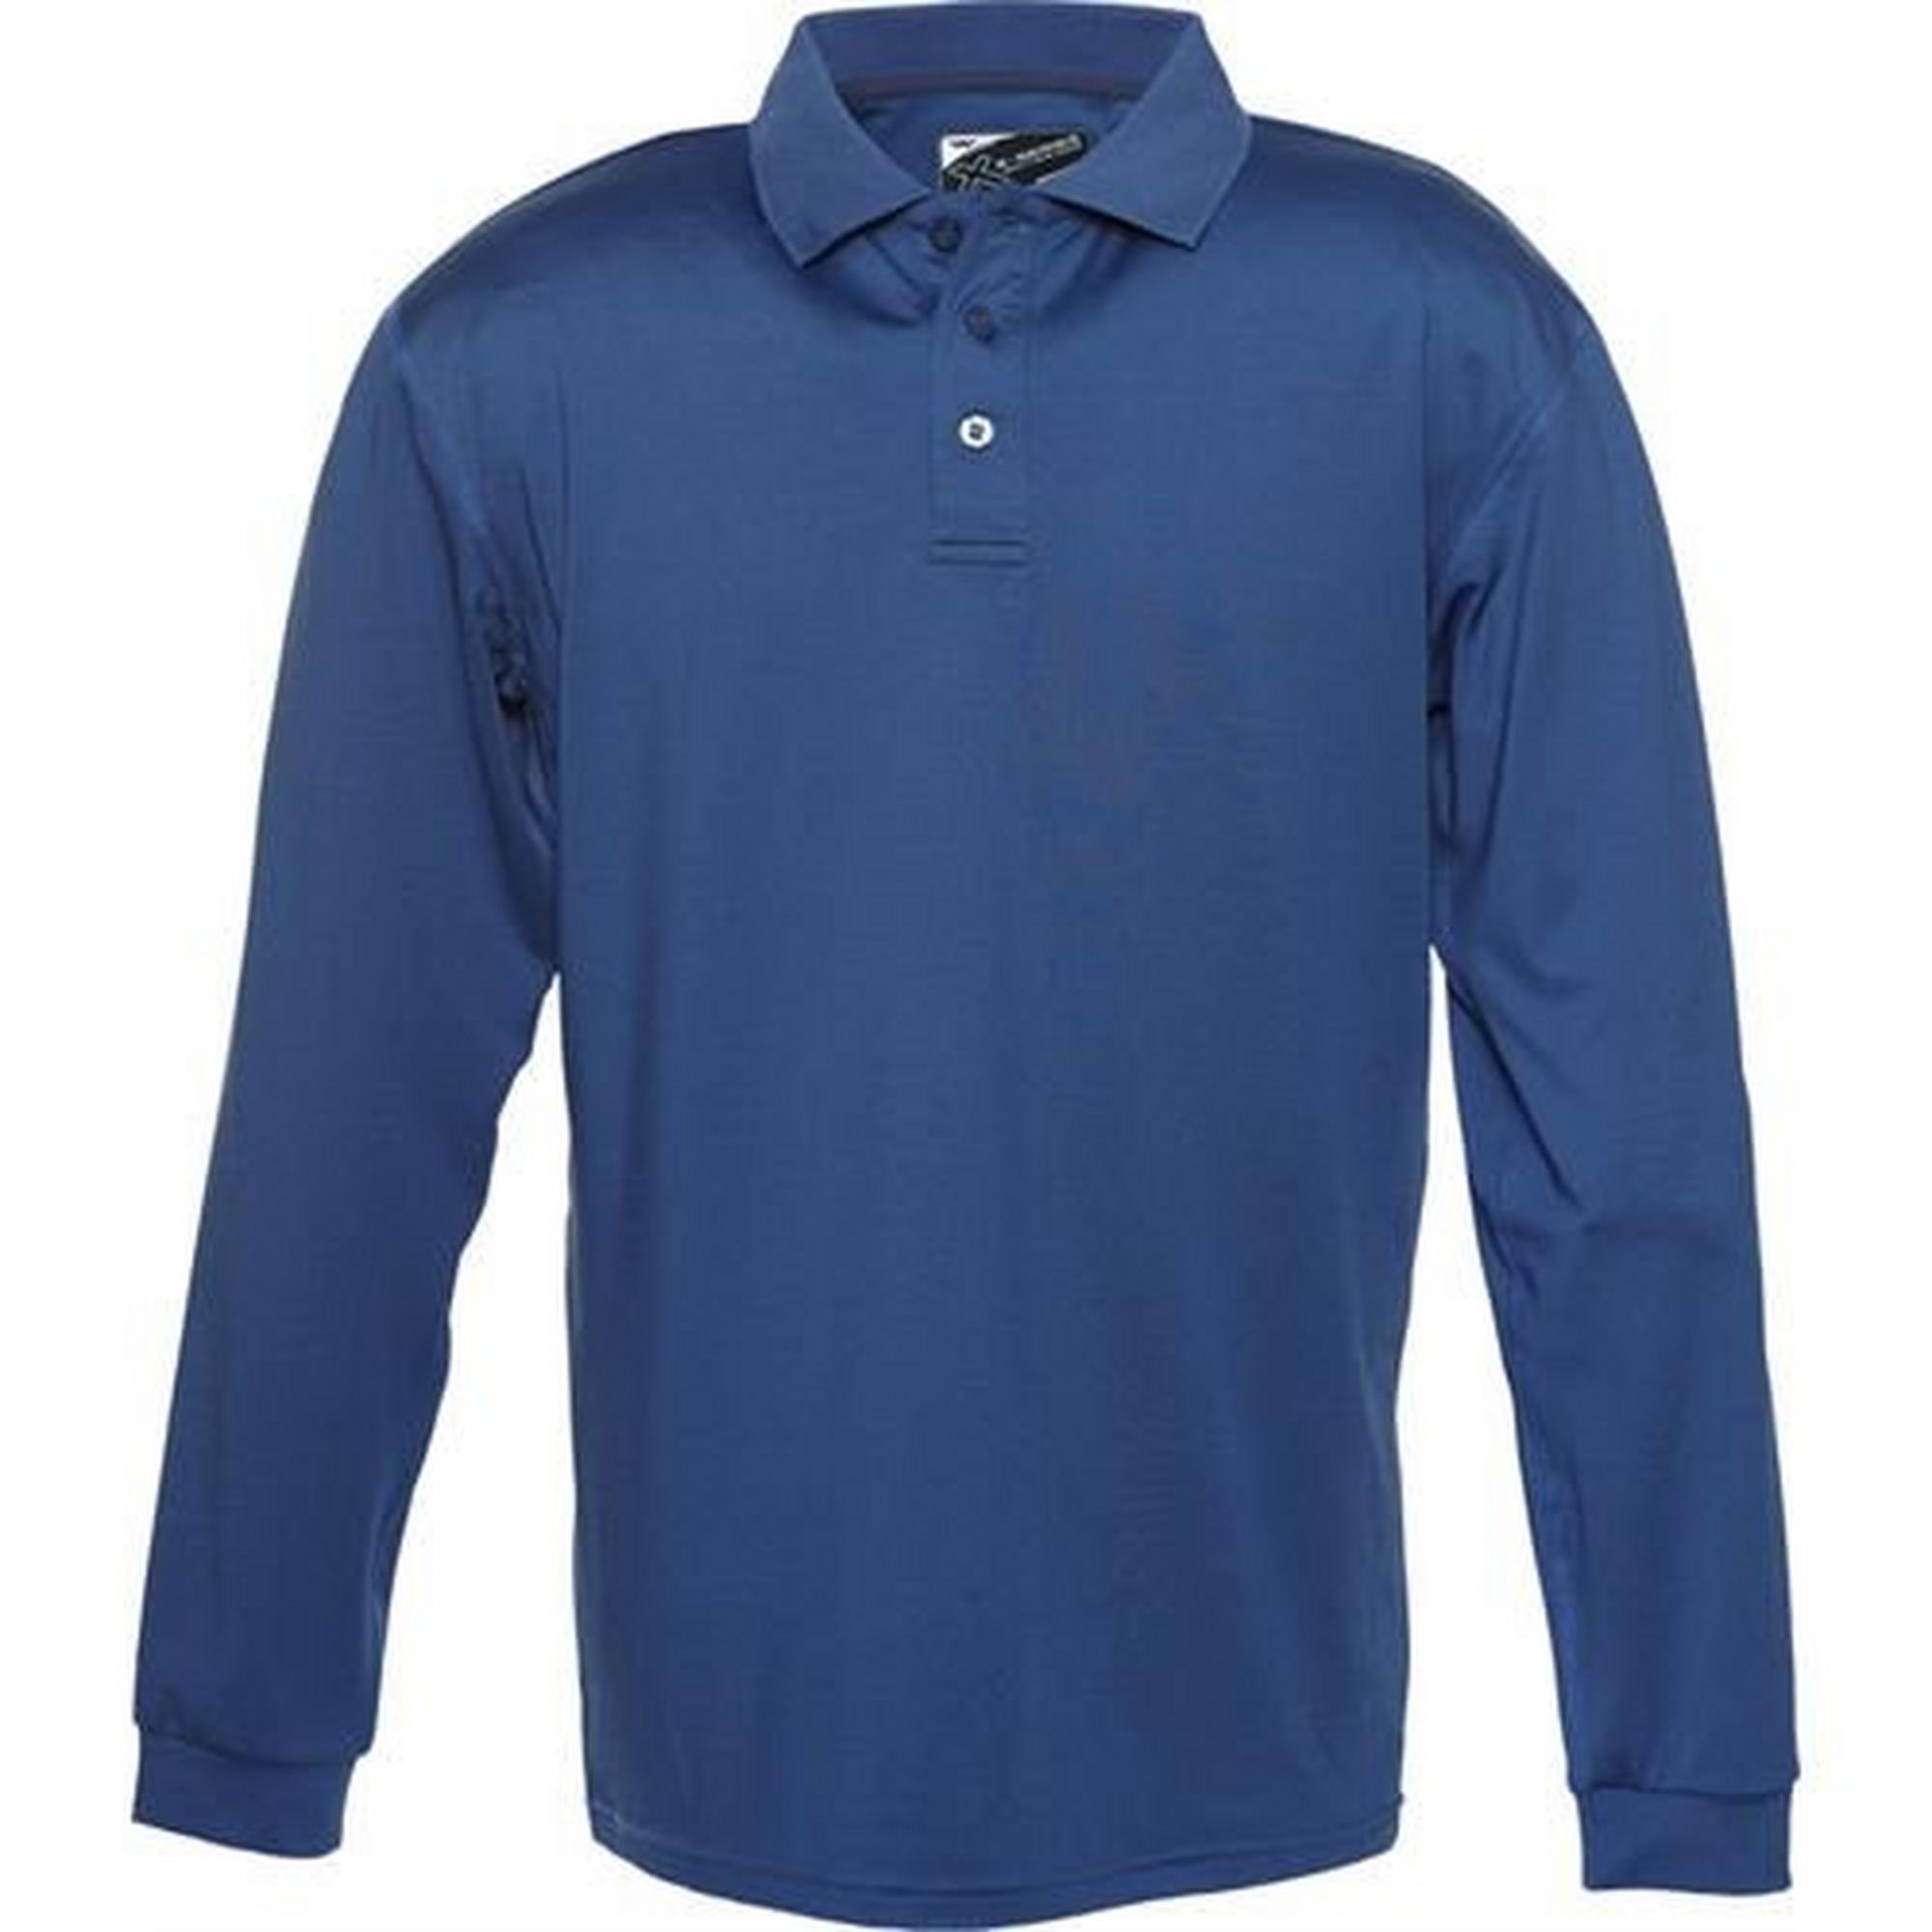 Men's Liberty Long Sleeve Polo